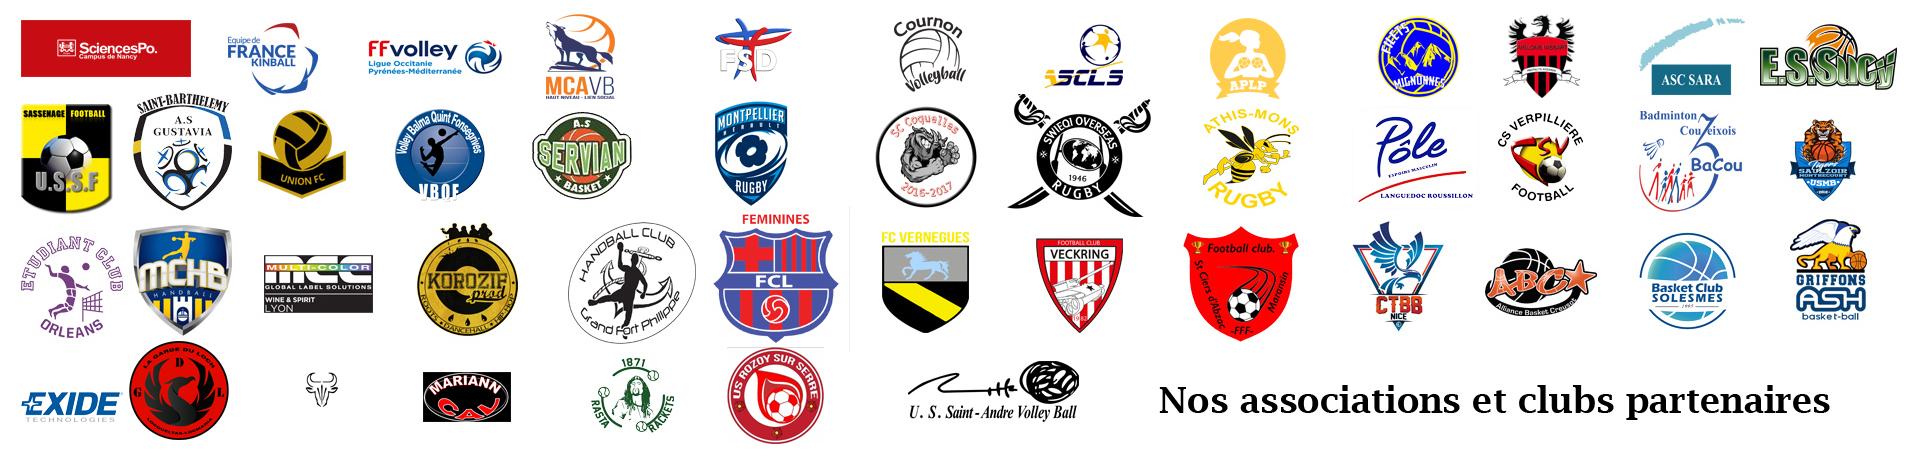 Equipement sportif flocage personnalise pour club